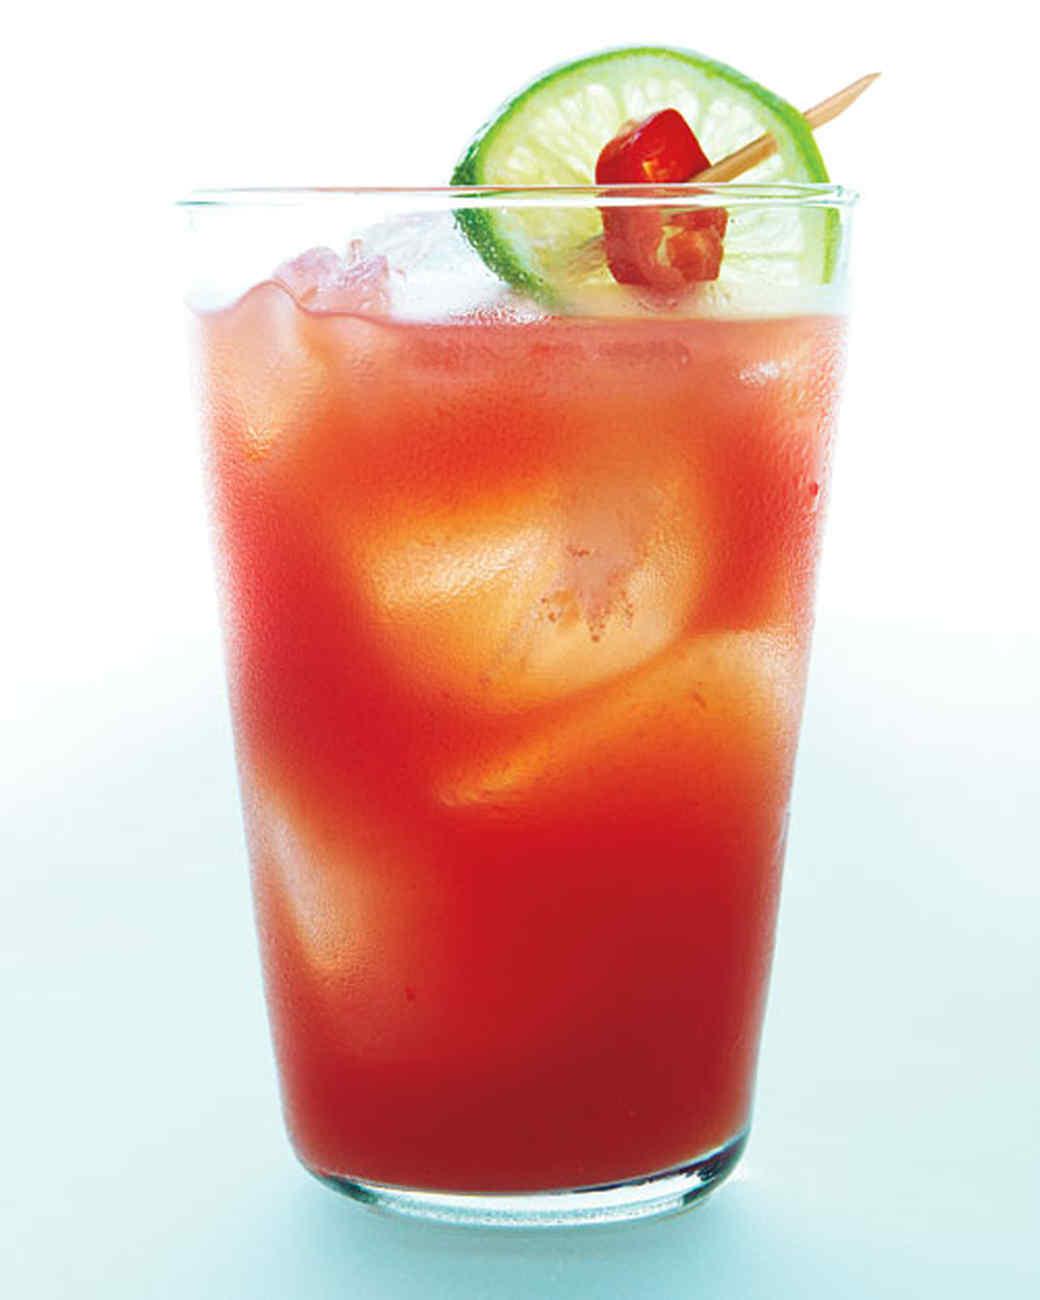 papaya-sunrise-cocktail-0711mbd107405.jpg